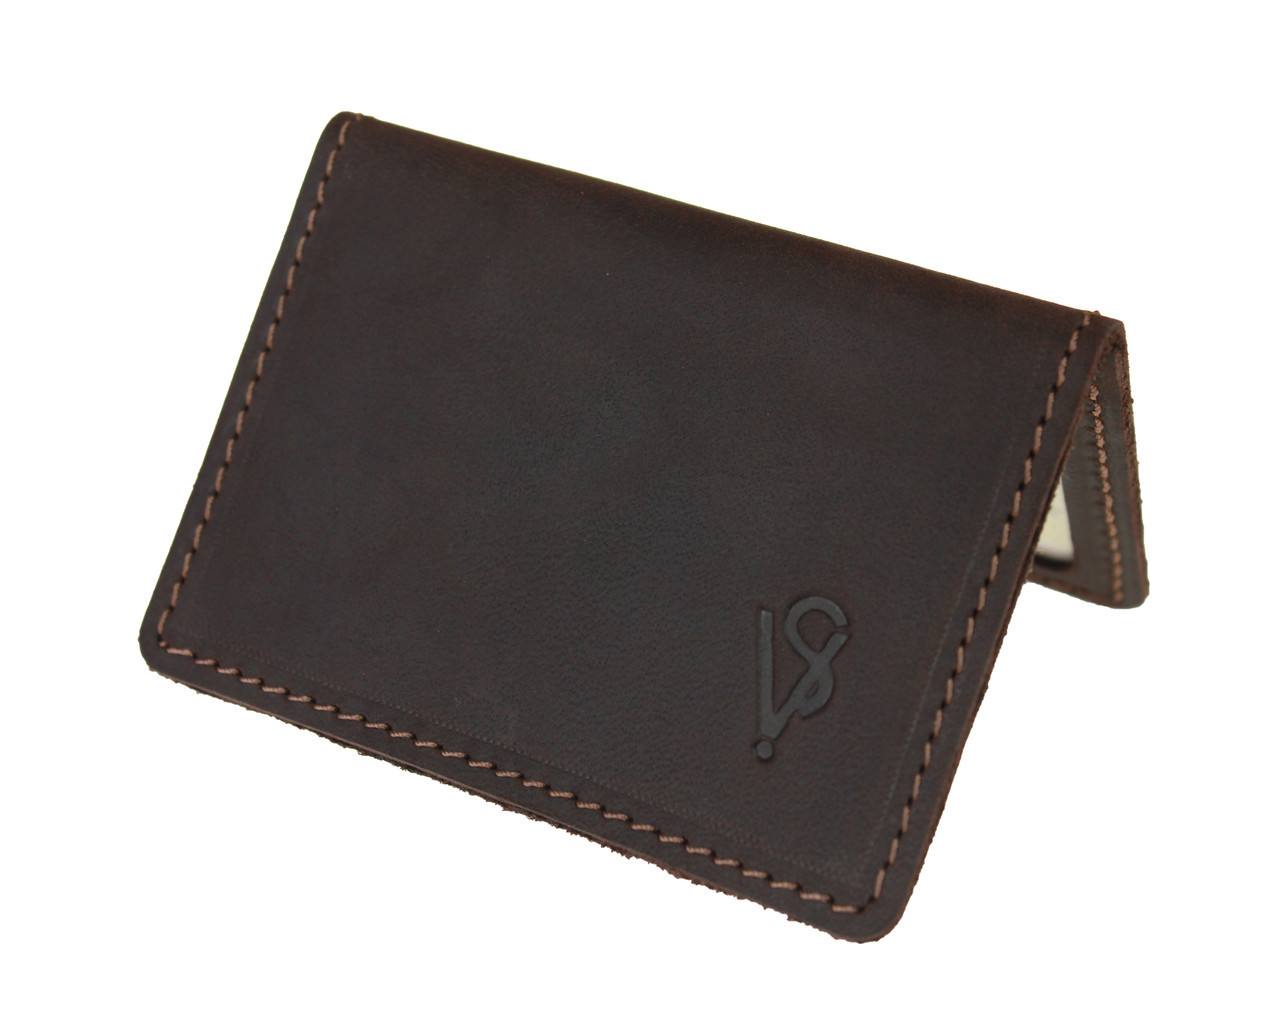 Обложка для водительских документов прав удостоверений ID паспорта SULLIVAN odd8(4) коричневая